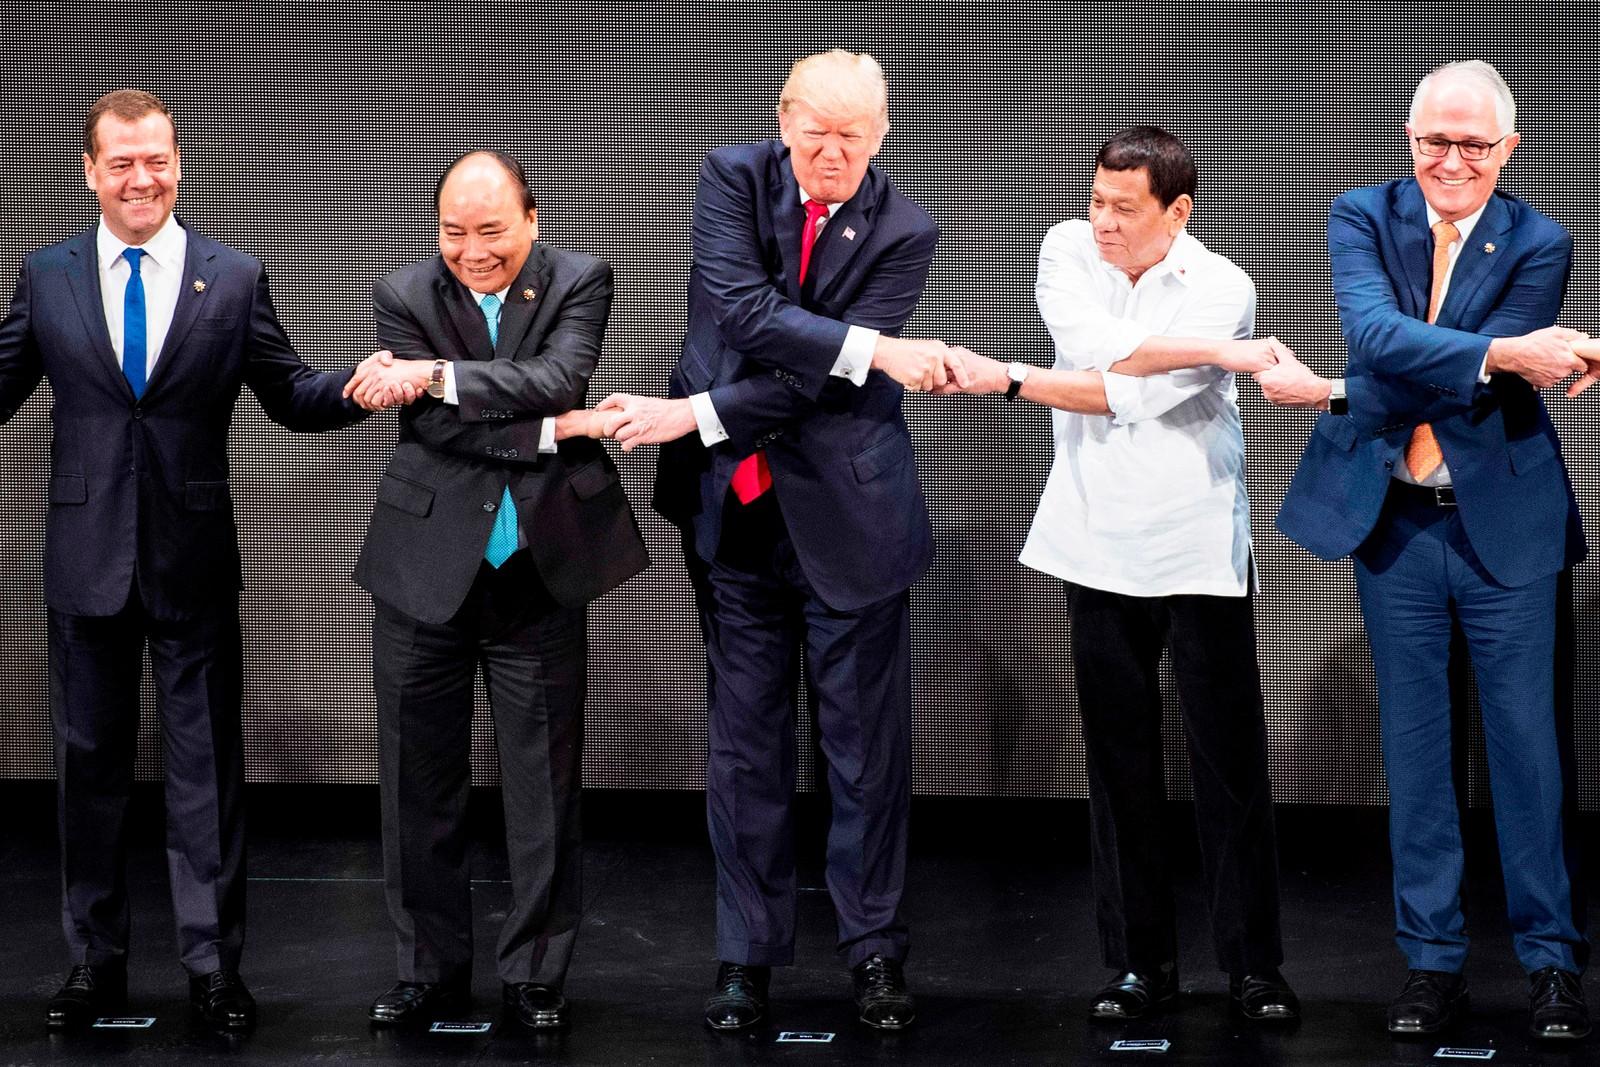 Også Russlands statsminister Dmitrij Medvedev (t.v.) lot være å ta «tversoverhåndtrykket» da han l fotografert sammen med Vietnams statsminister Nguyen Xuan Phuc (nummer to fra venstre), president Donald Trump (i midten) og Filippinenes president Rodrigo Duterte (nummer to fra høyre) Australias statsminister Malcolm Turnbull (til høyre) under toppmøtet i Manila.